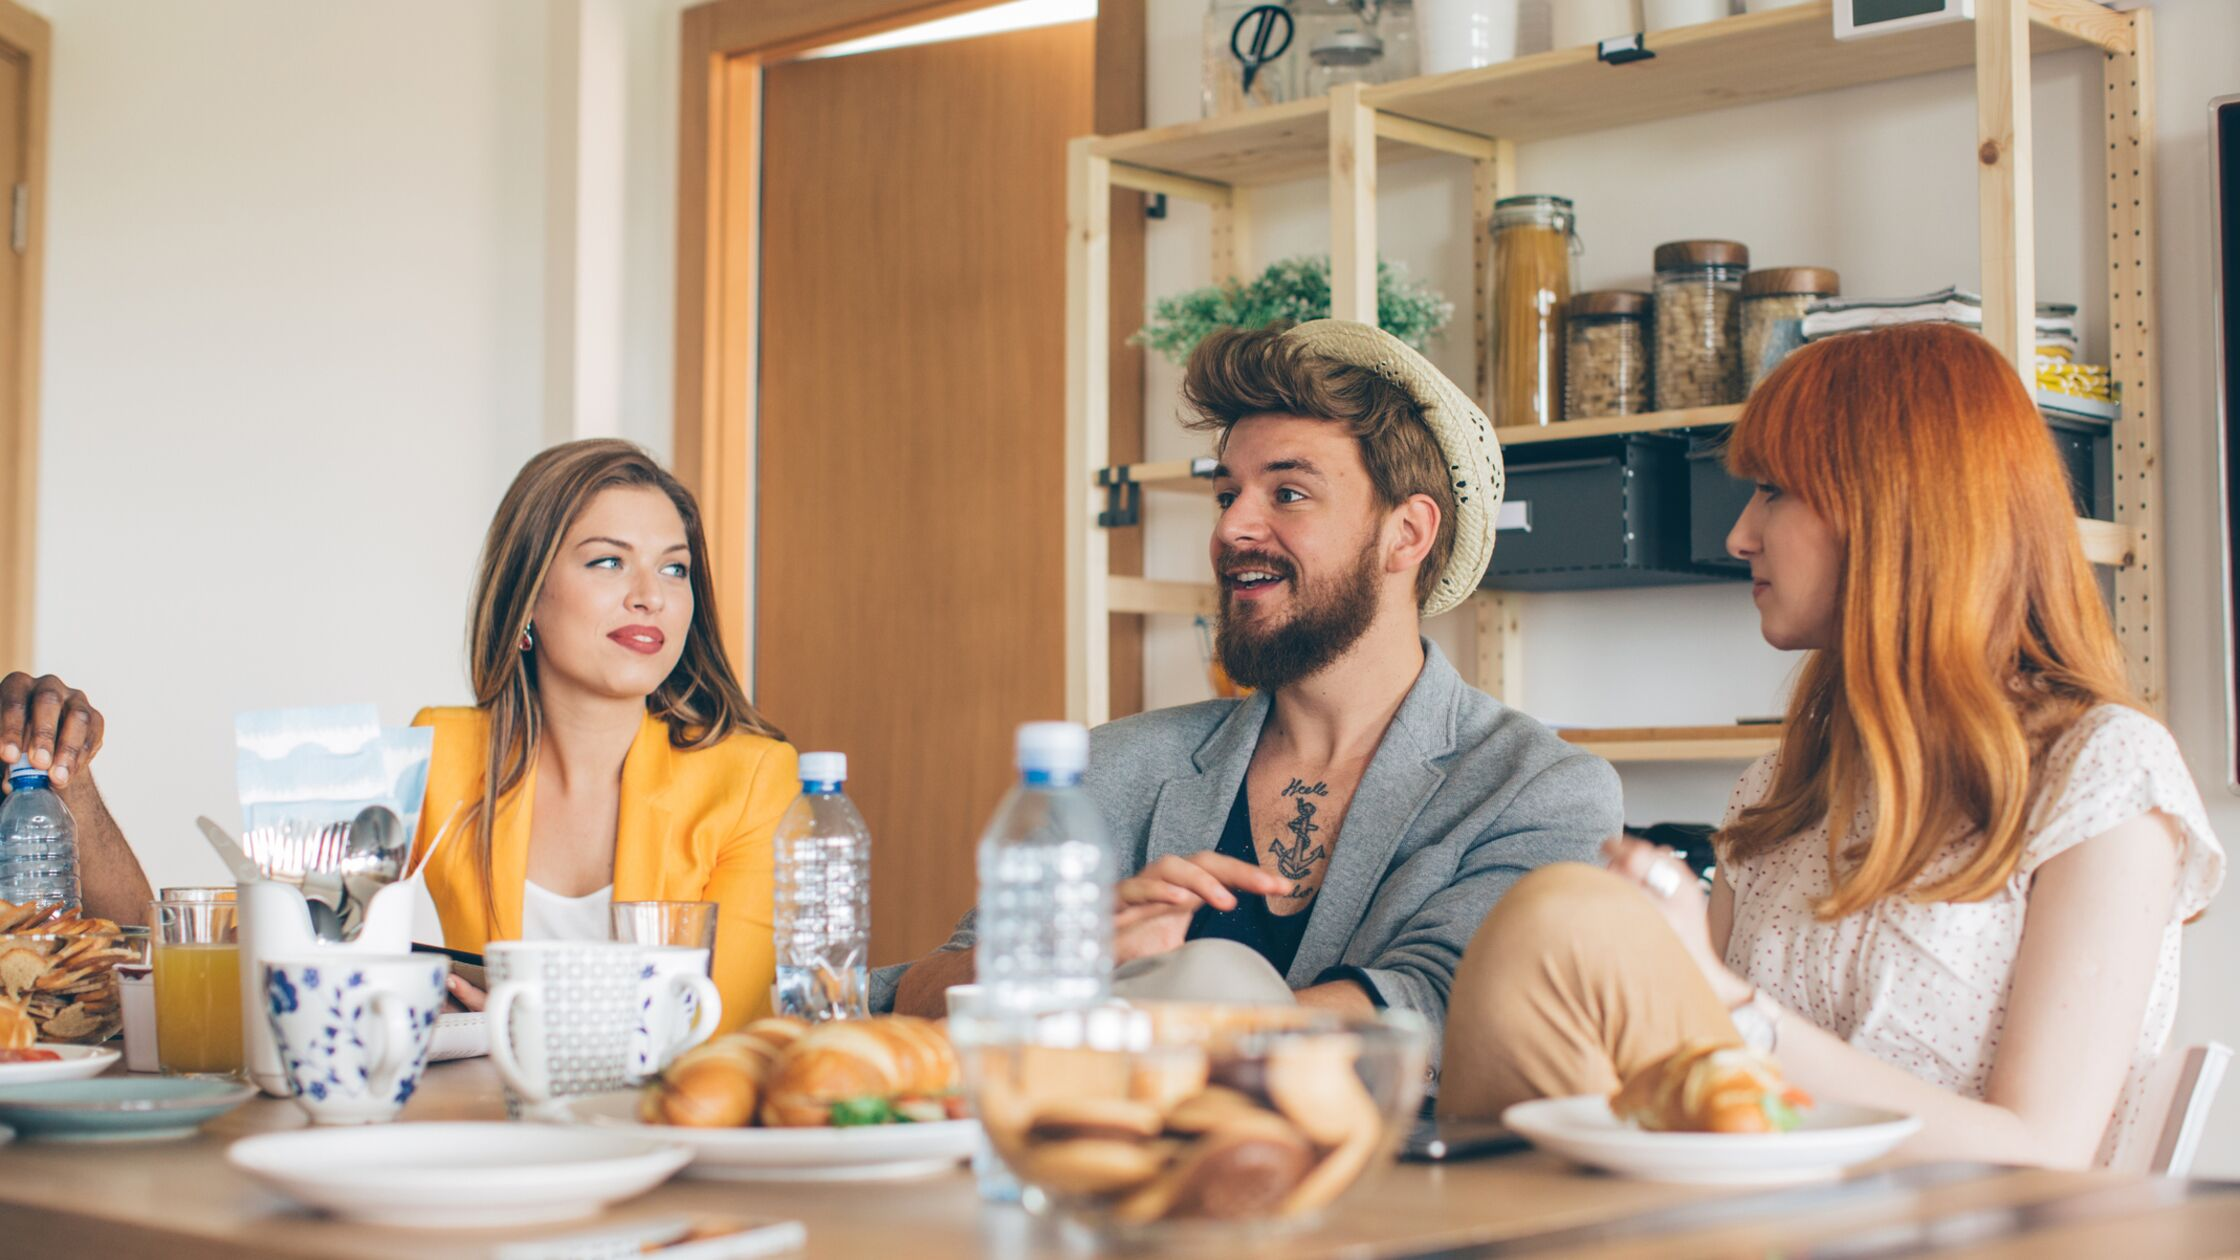 Hippe Studenten in einer WG am Frühstückstisch